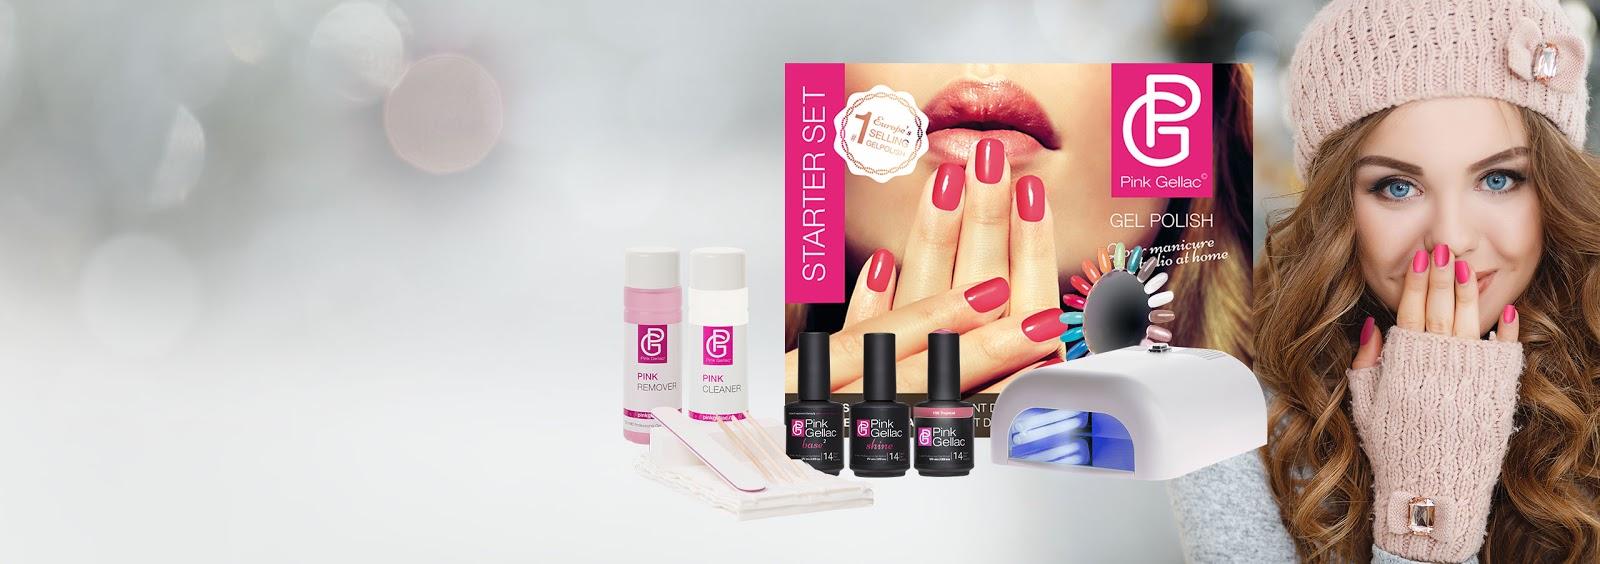 Pink gellac o como hacer una manicura permanente en casa cosmetica de olga - Manicura semipermanente en casa ...